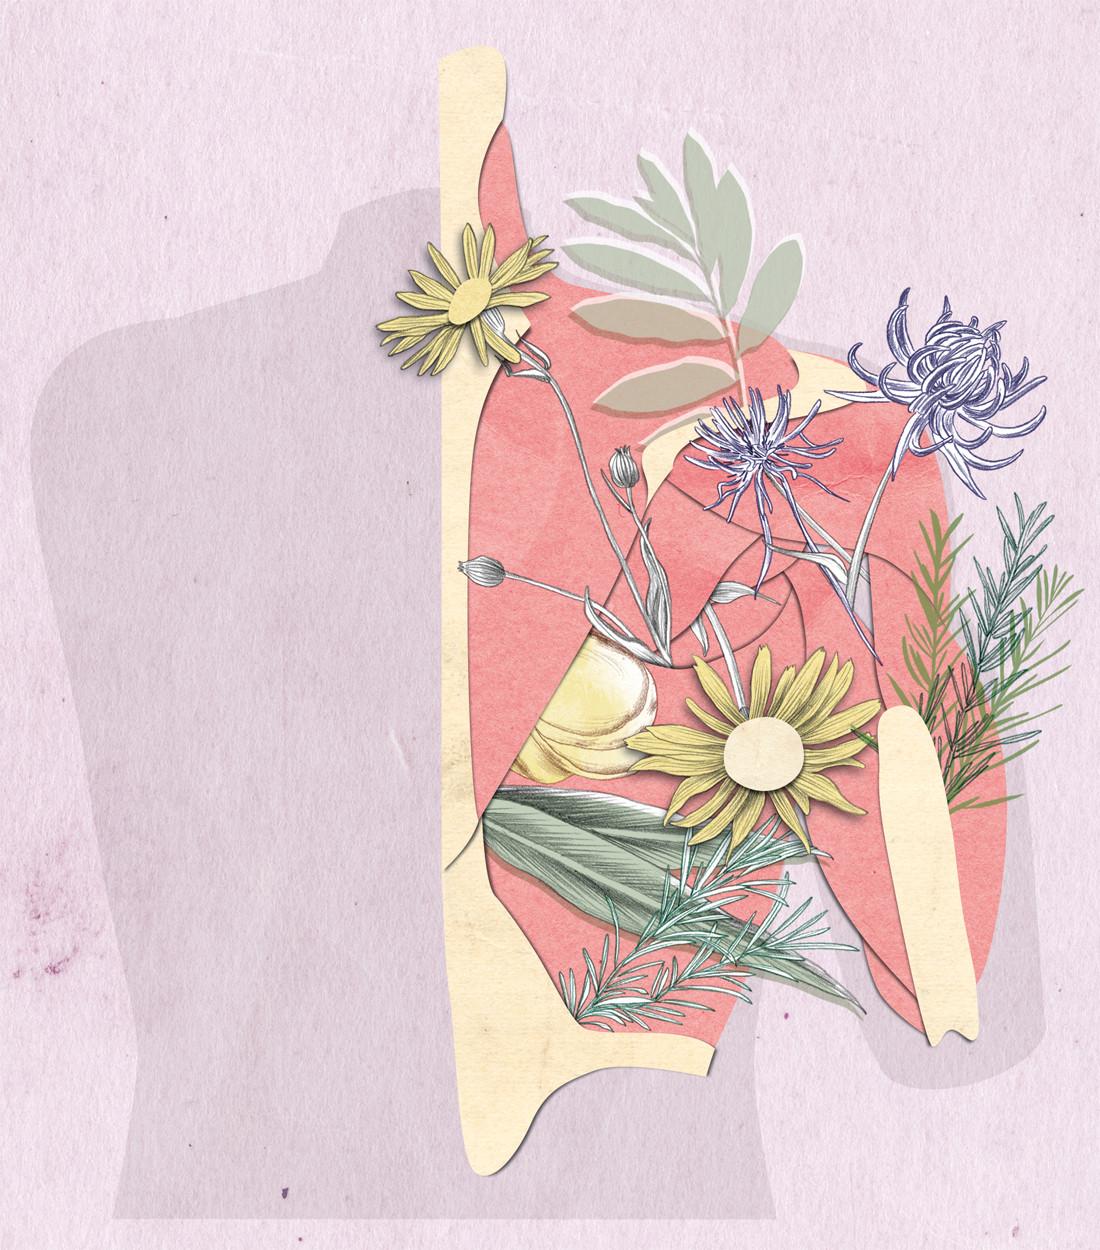 Anne-Mair-illustration-natuerlich-magazi